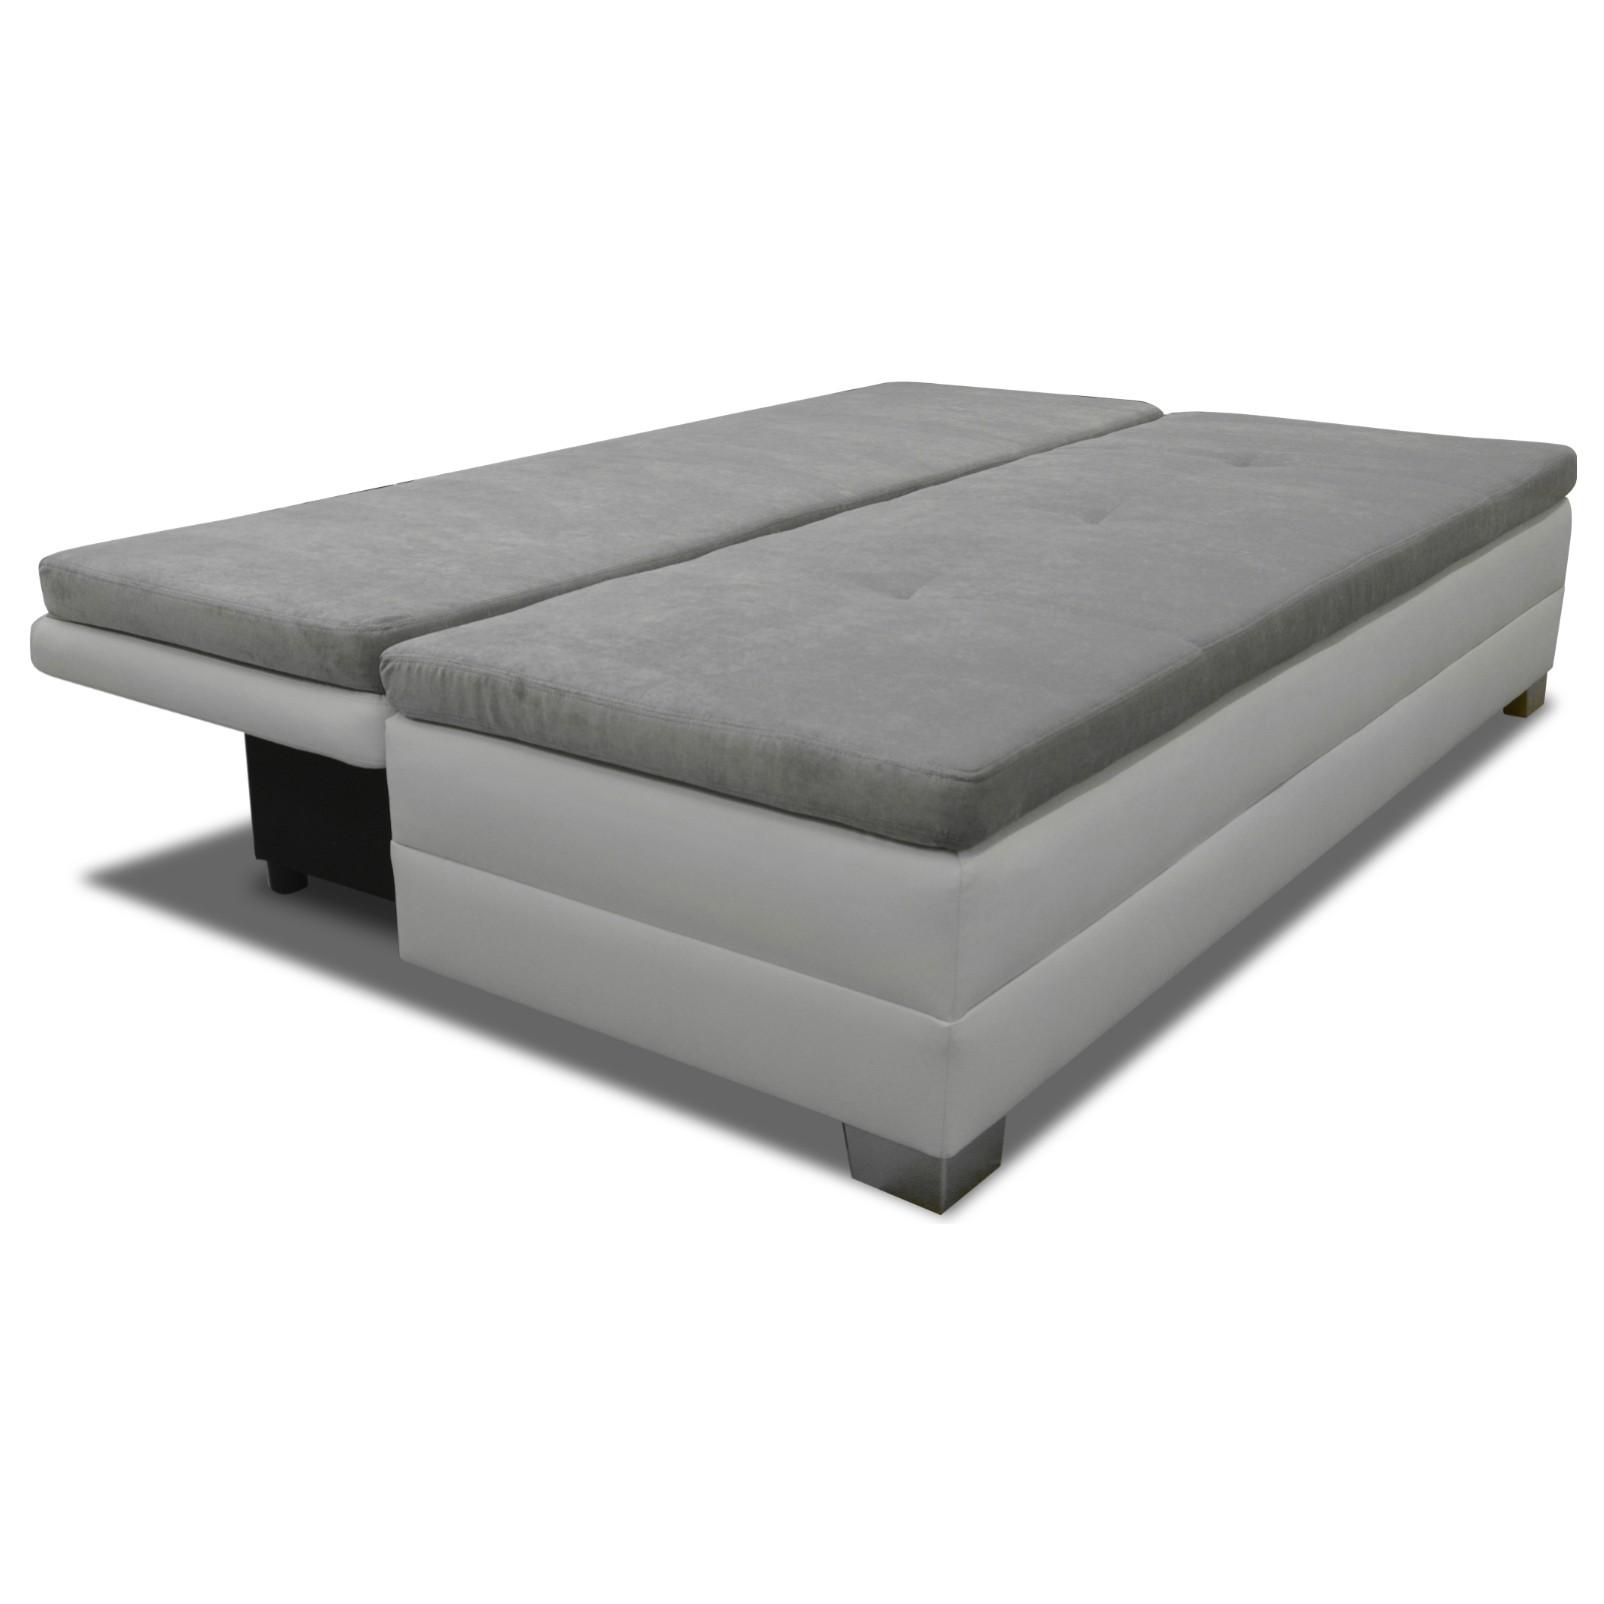 Sconto Pohovka NUKA sivá Praktická pohovka, ktorú môžete ľahko rozložiť na lôžko určené na občasné prespanie.